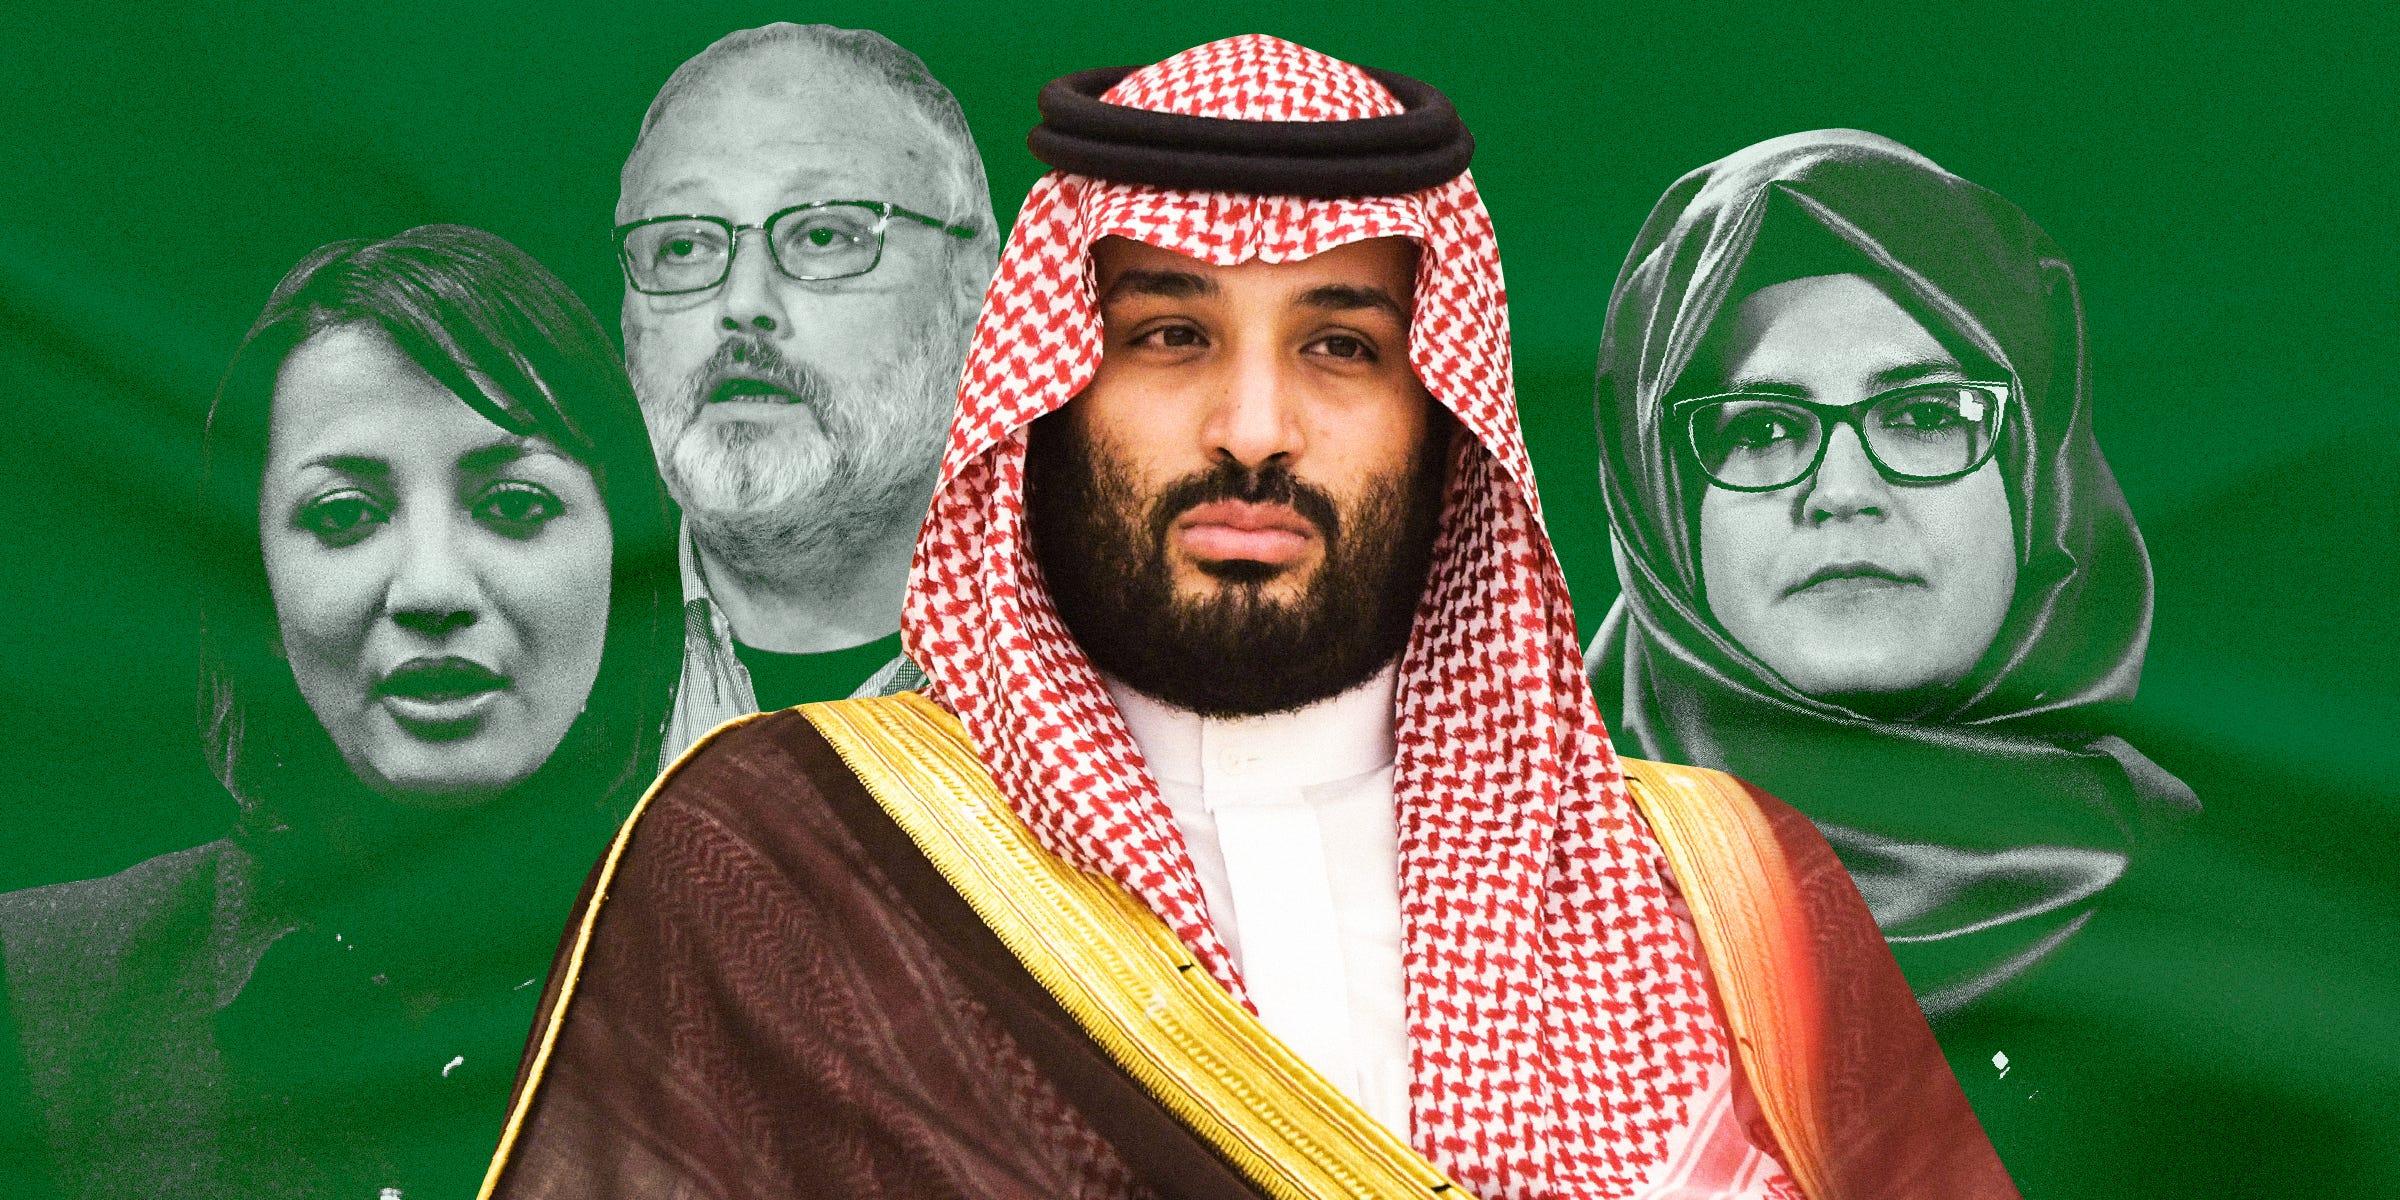 mohammed bin salman american lawyer profile 2x1